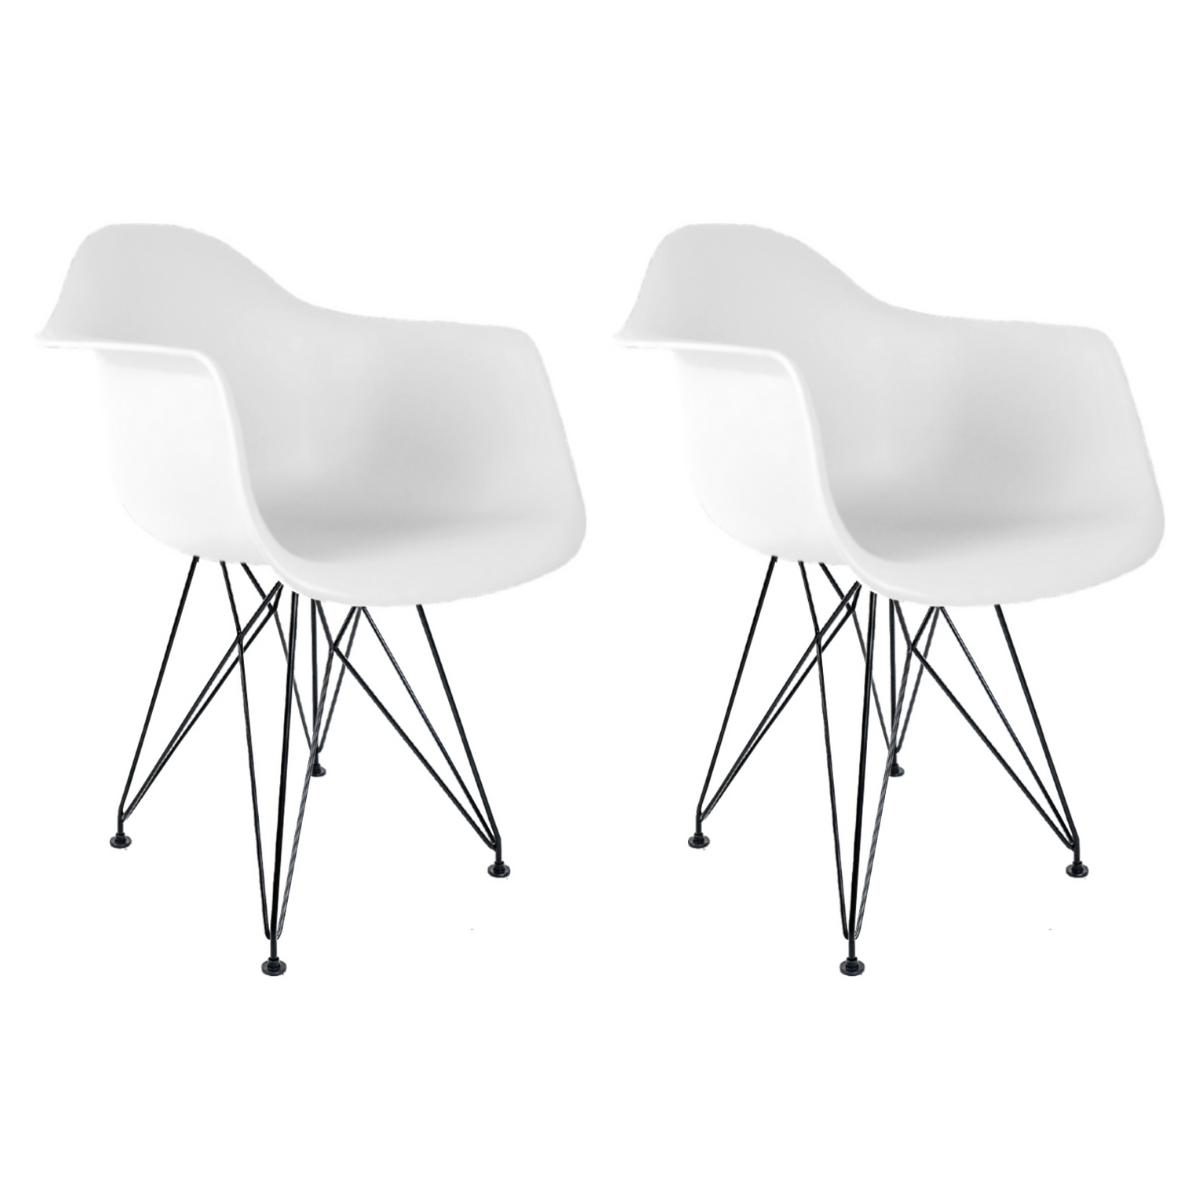 Conjunto com 2 Cadeiras Eames com Braços Branca - Base Eiffel Preta